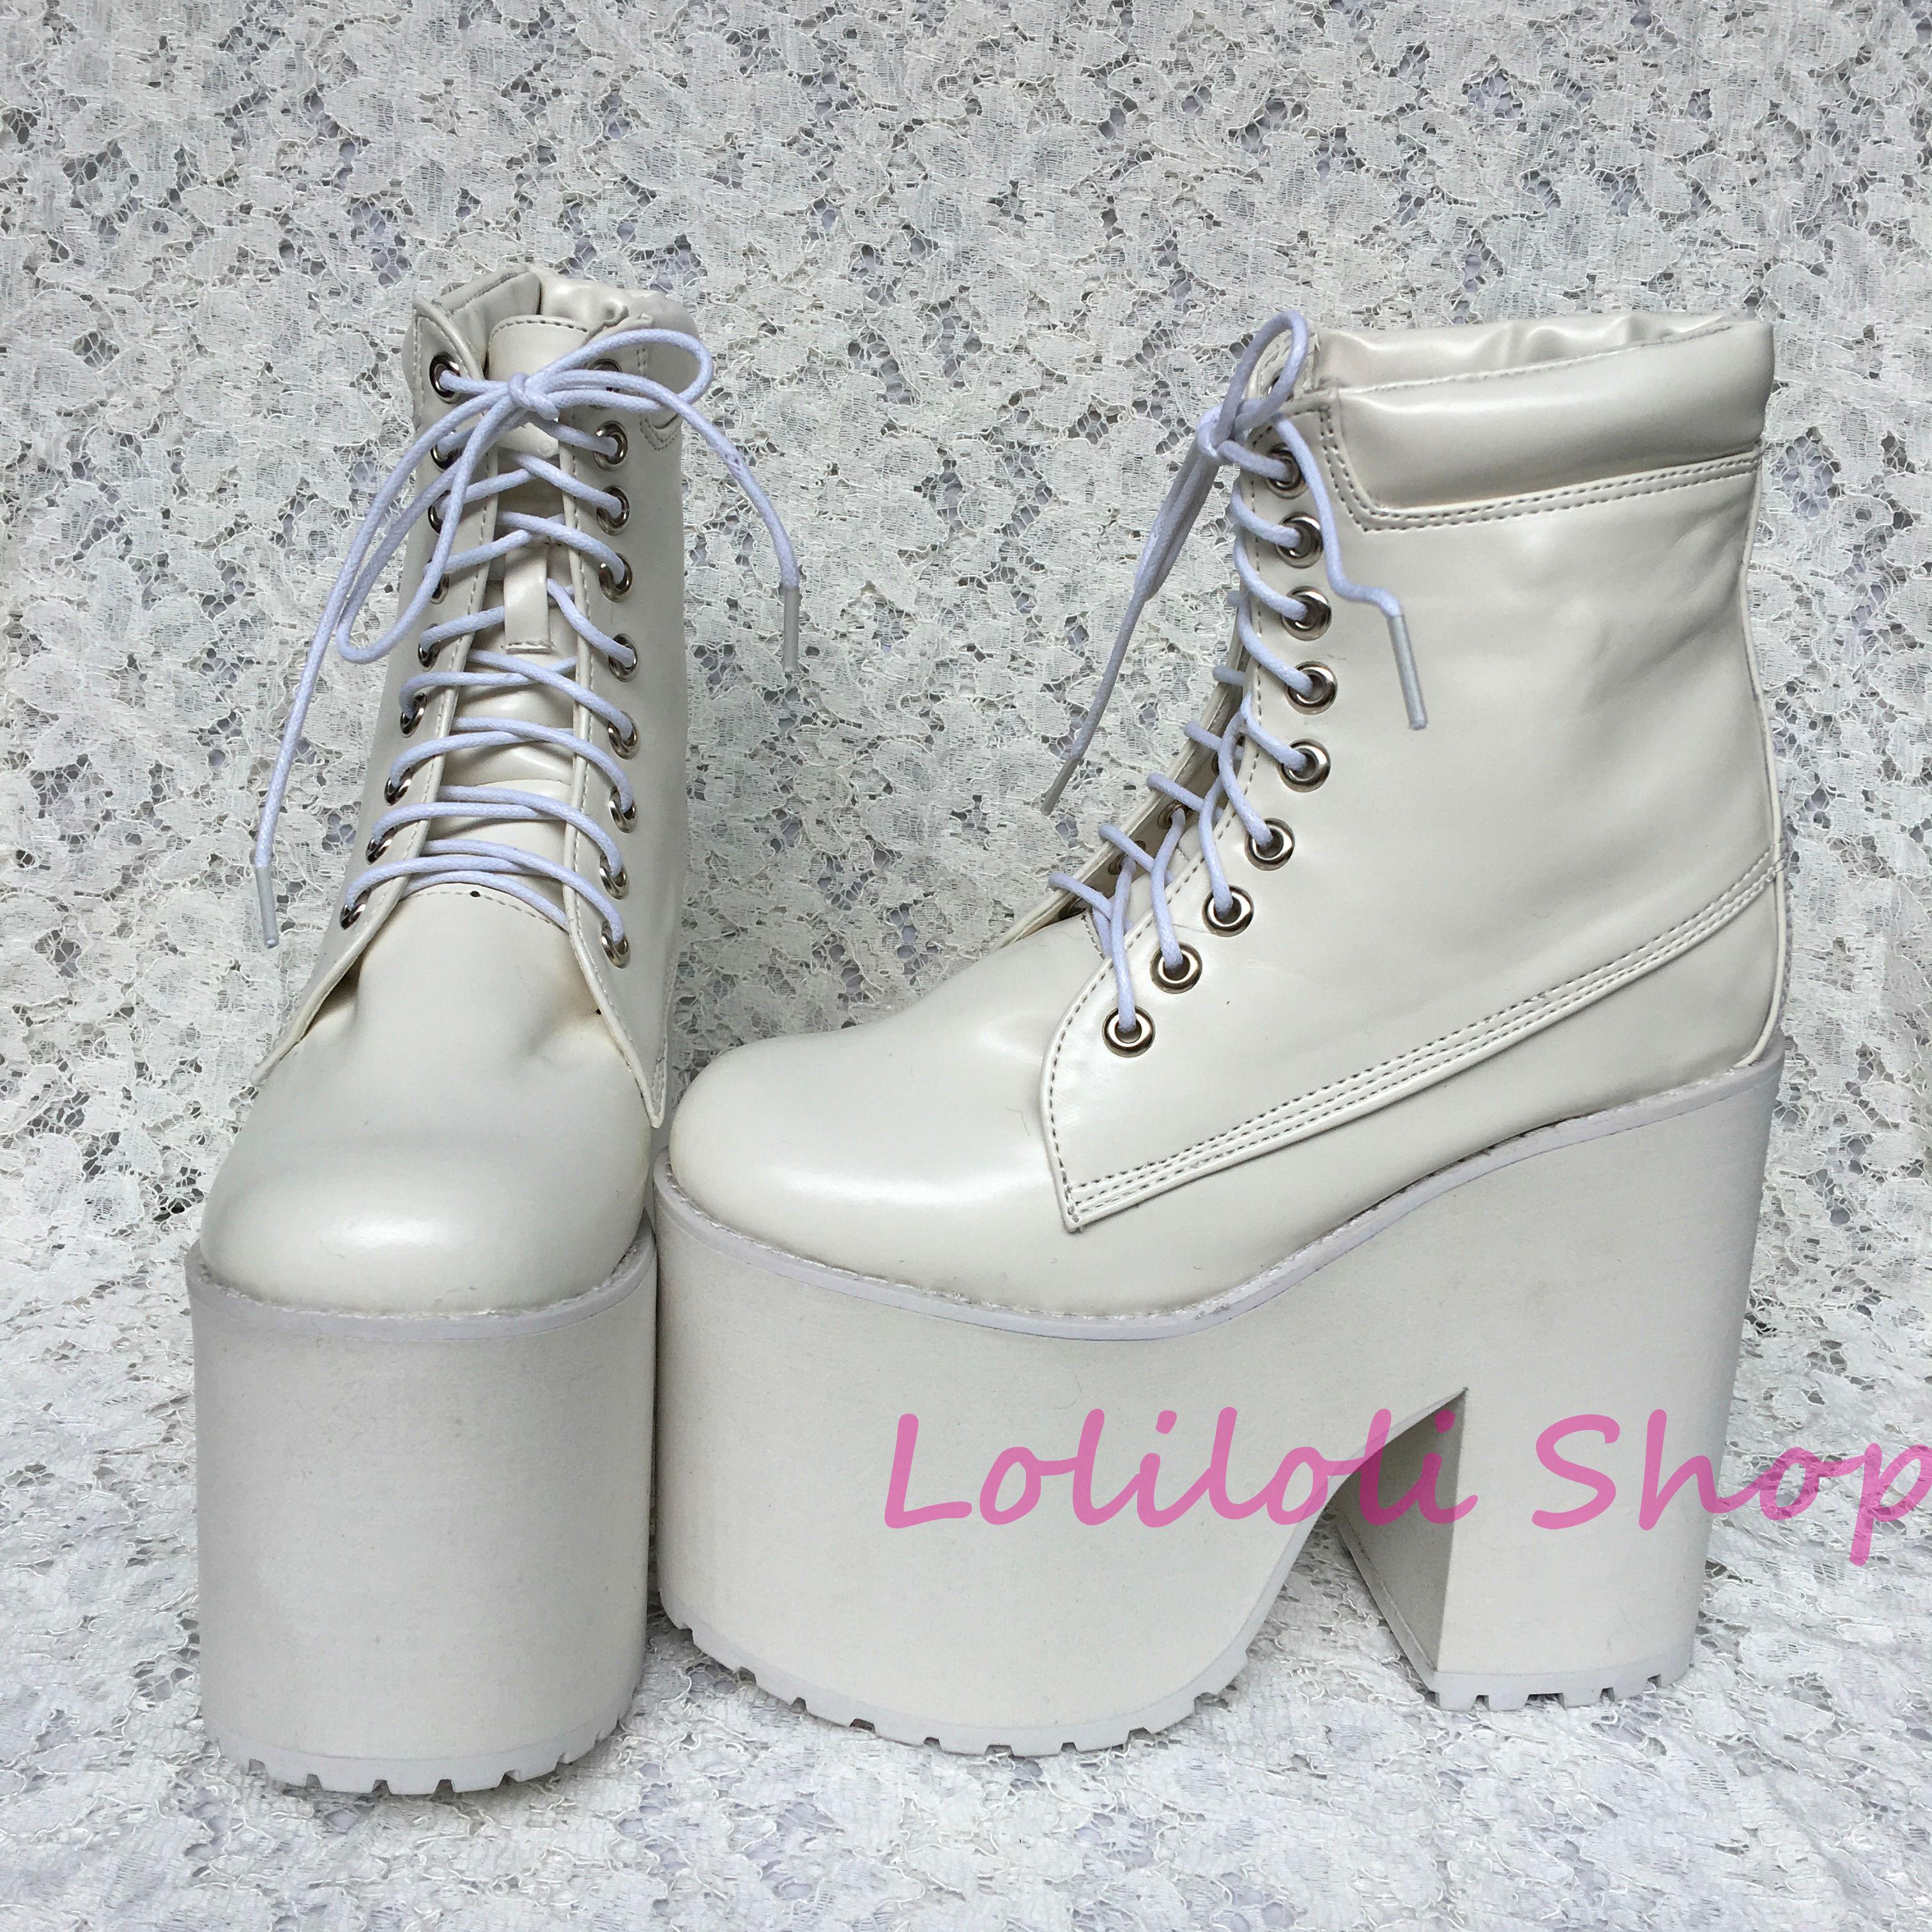 Personalizado blanco Tacón Lolita Botas Dulce Brillante 5195n Cruz Japonés Piel Lolilloliyoyo Cordón Grueso Blanco Zapatos Multiple Antaina Diseño Princesa U06nW6